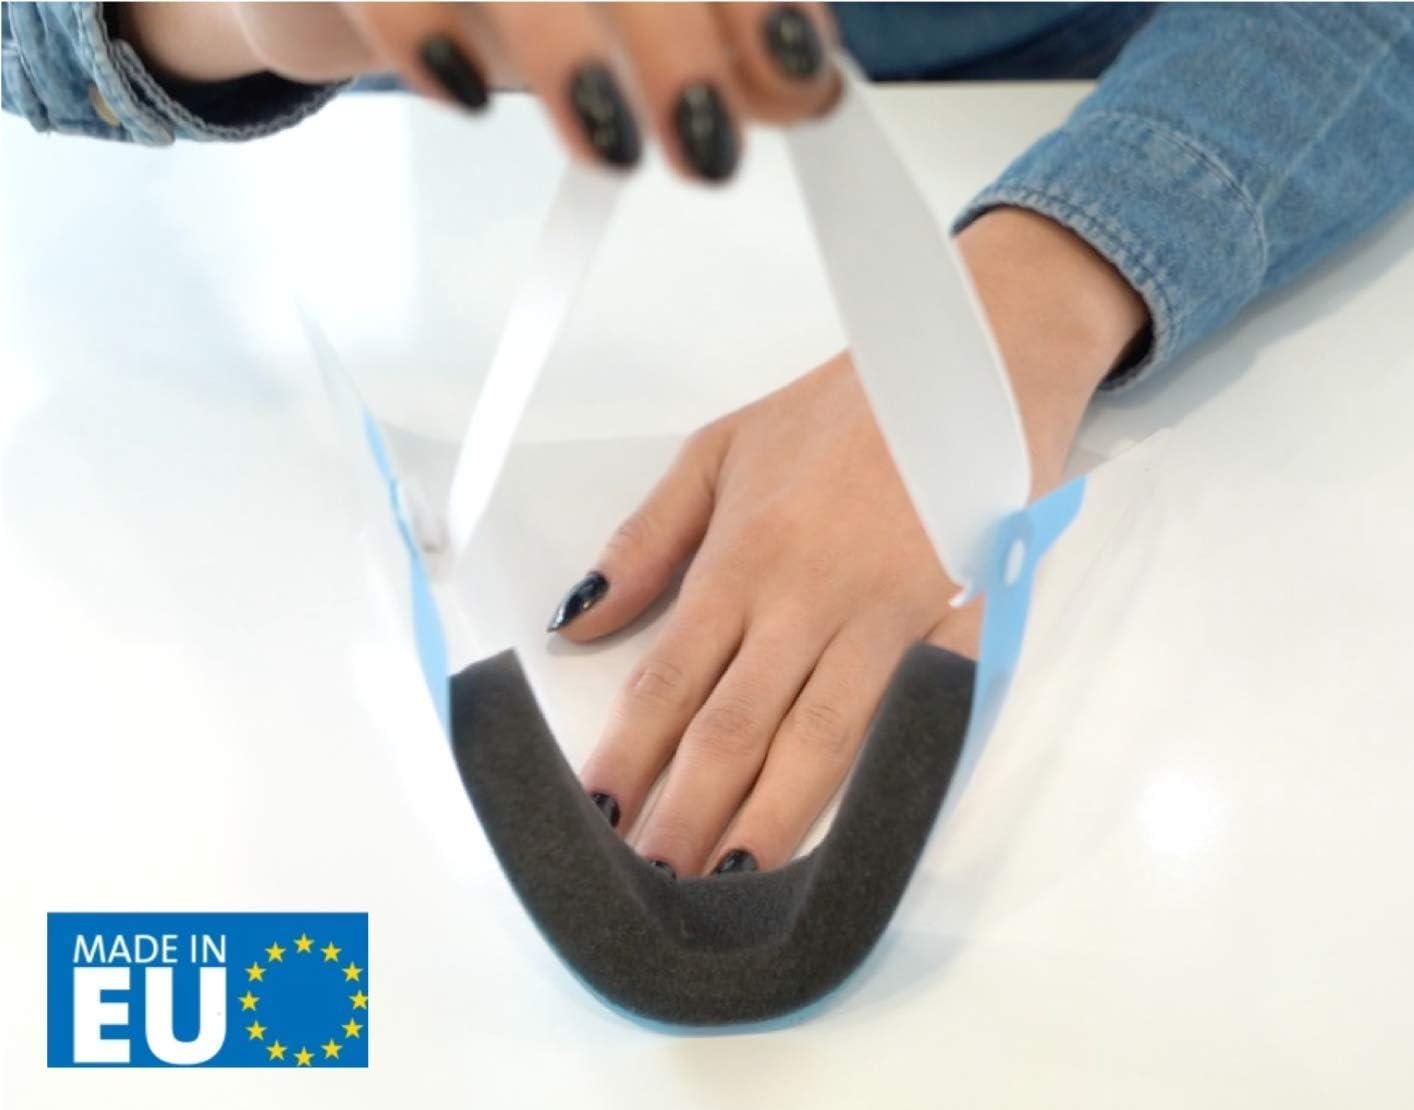 fabricado en Europa Cara protectora transparente con banda de goma ajustable para hombres y mujeres Protector facial Fredo visera de pl/ástico